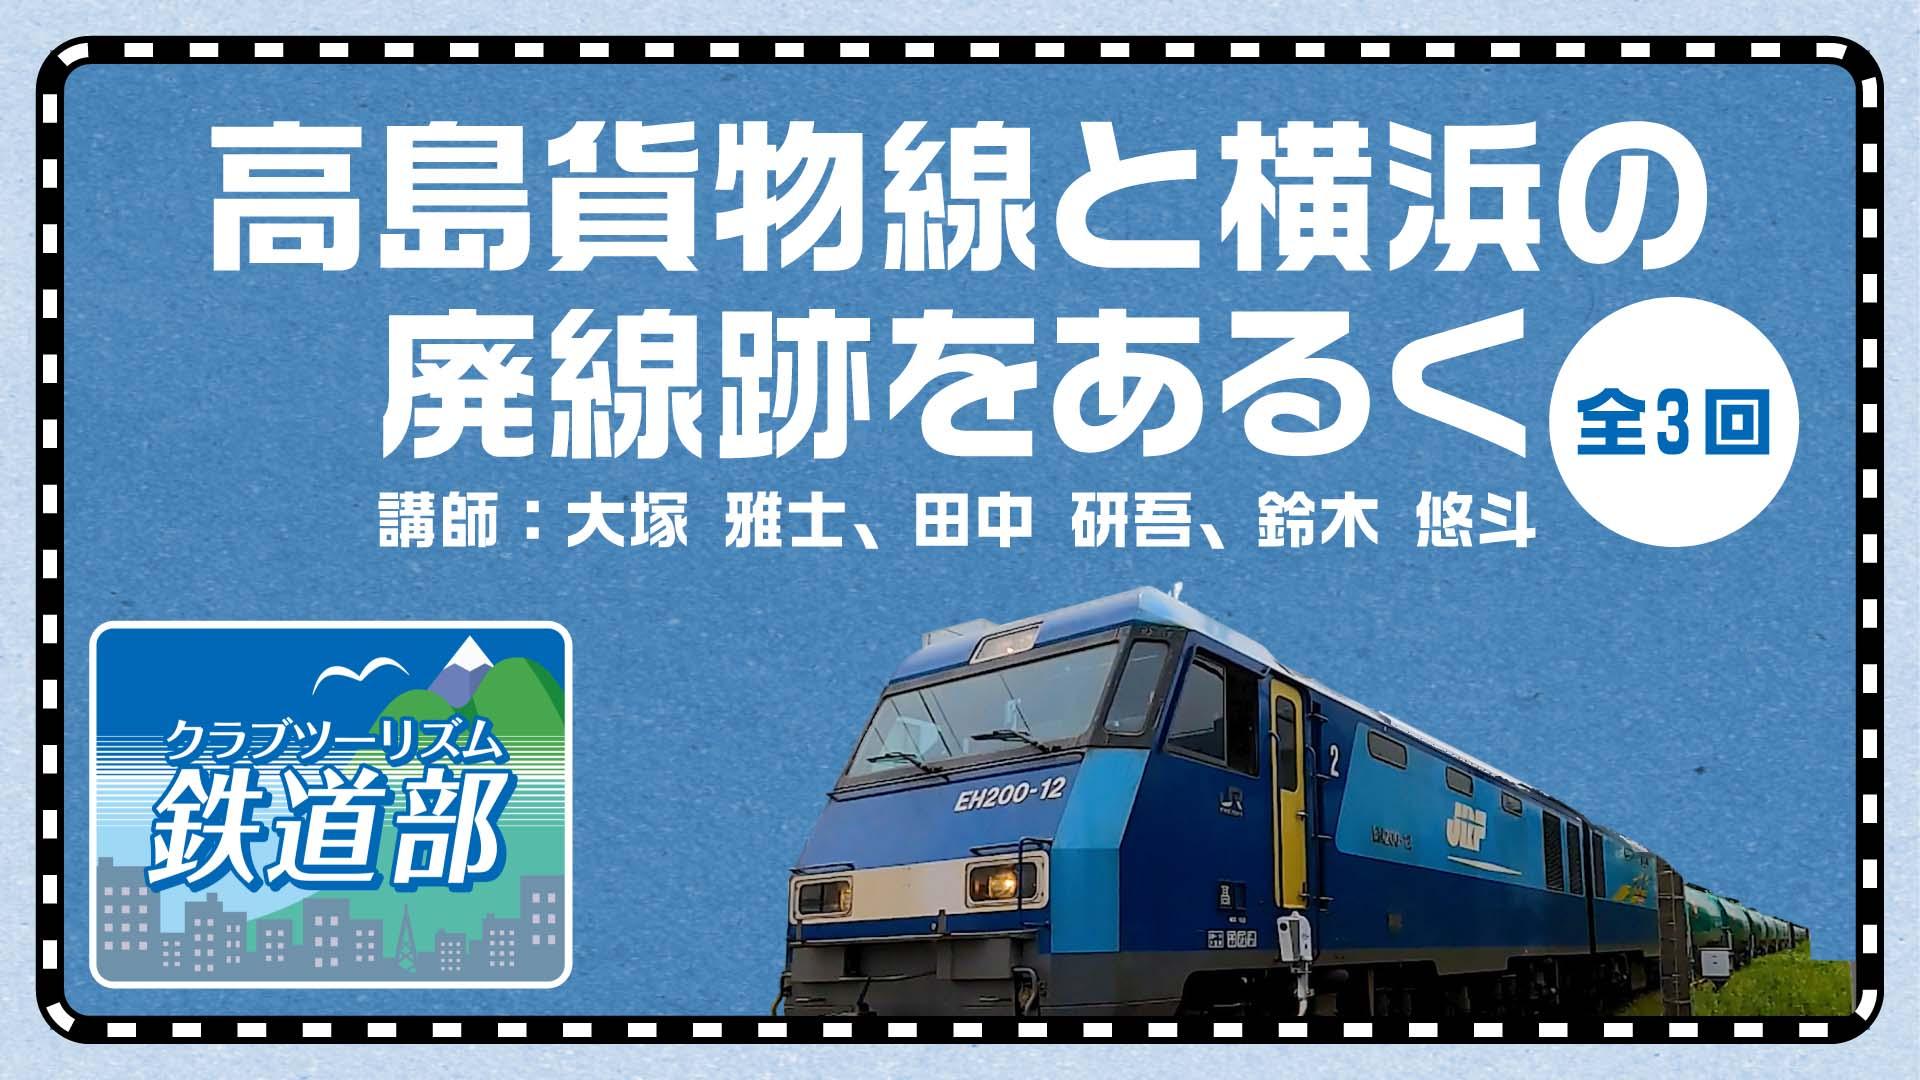 \更新/【鉄道】高島貨物線と横浜の廃線跡をあるく≪全3回≫